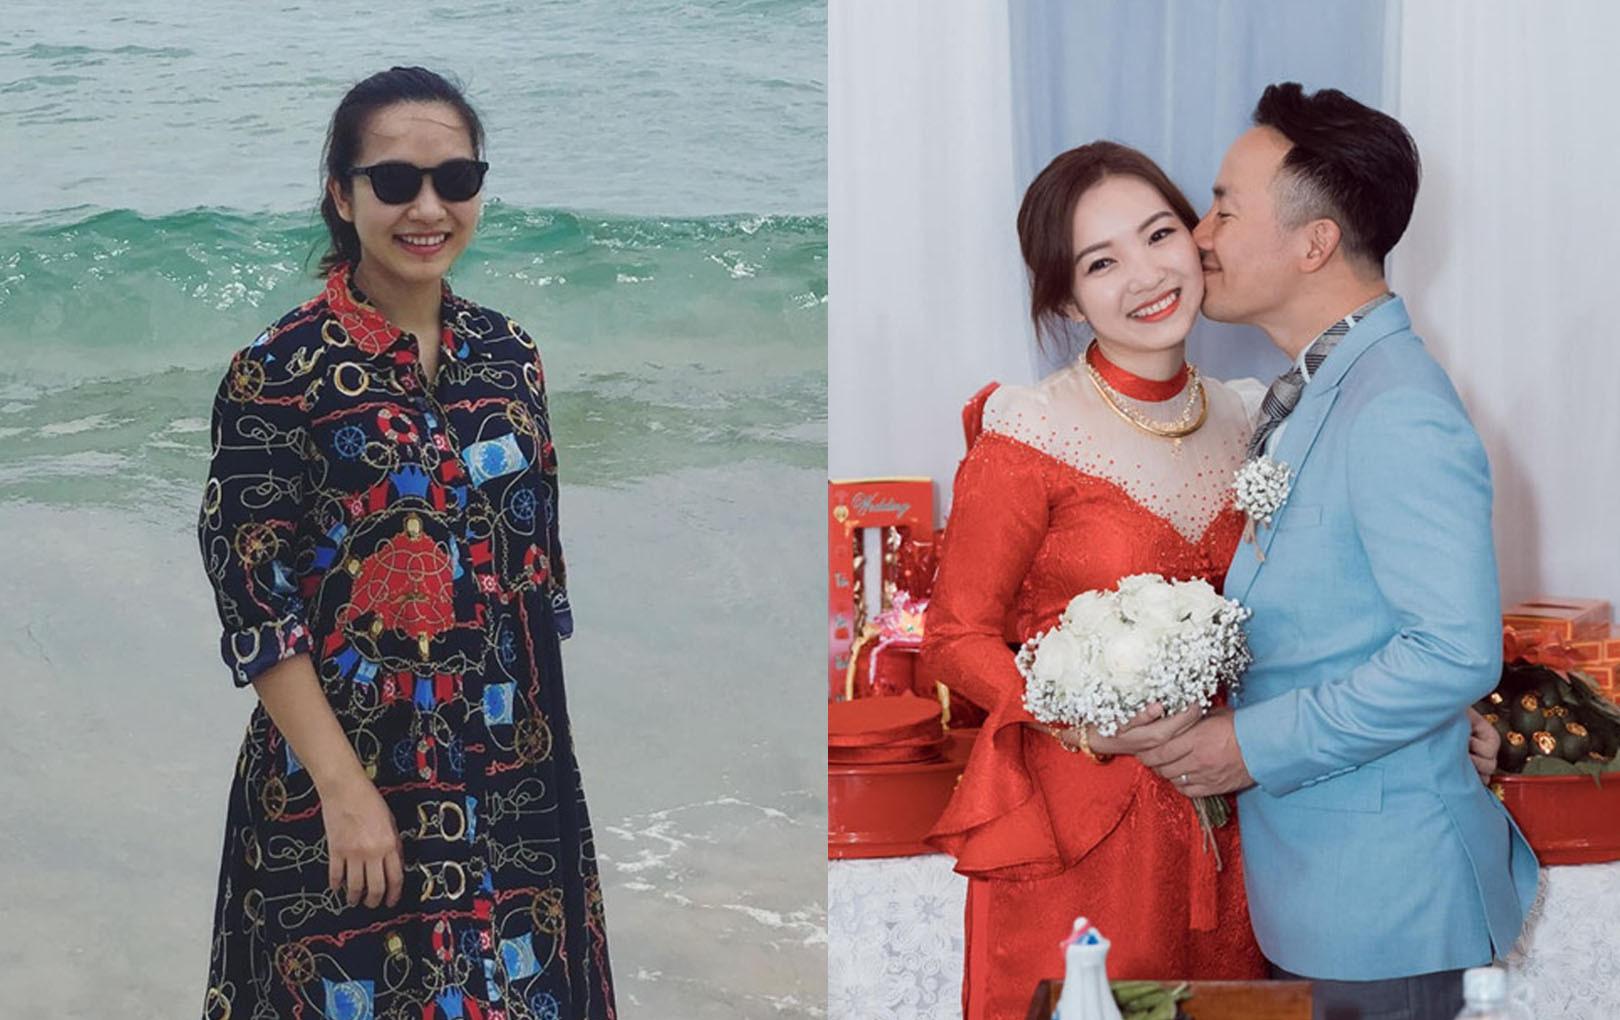 Bà xã Tiến Đạt tiết lộ mang thai sau 5 tháng cưới và được ông xã 'cưng như trứng mỏng'